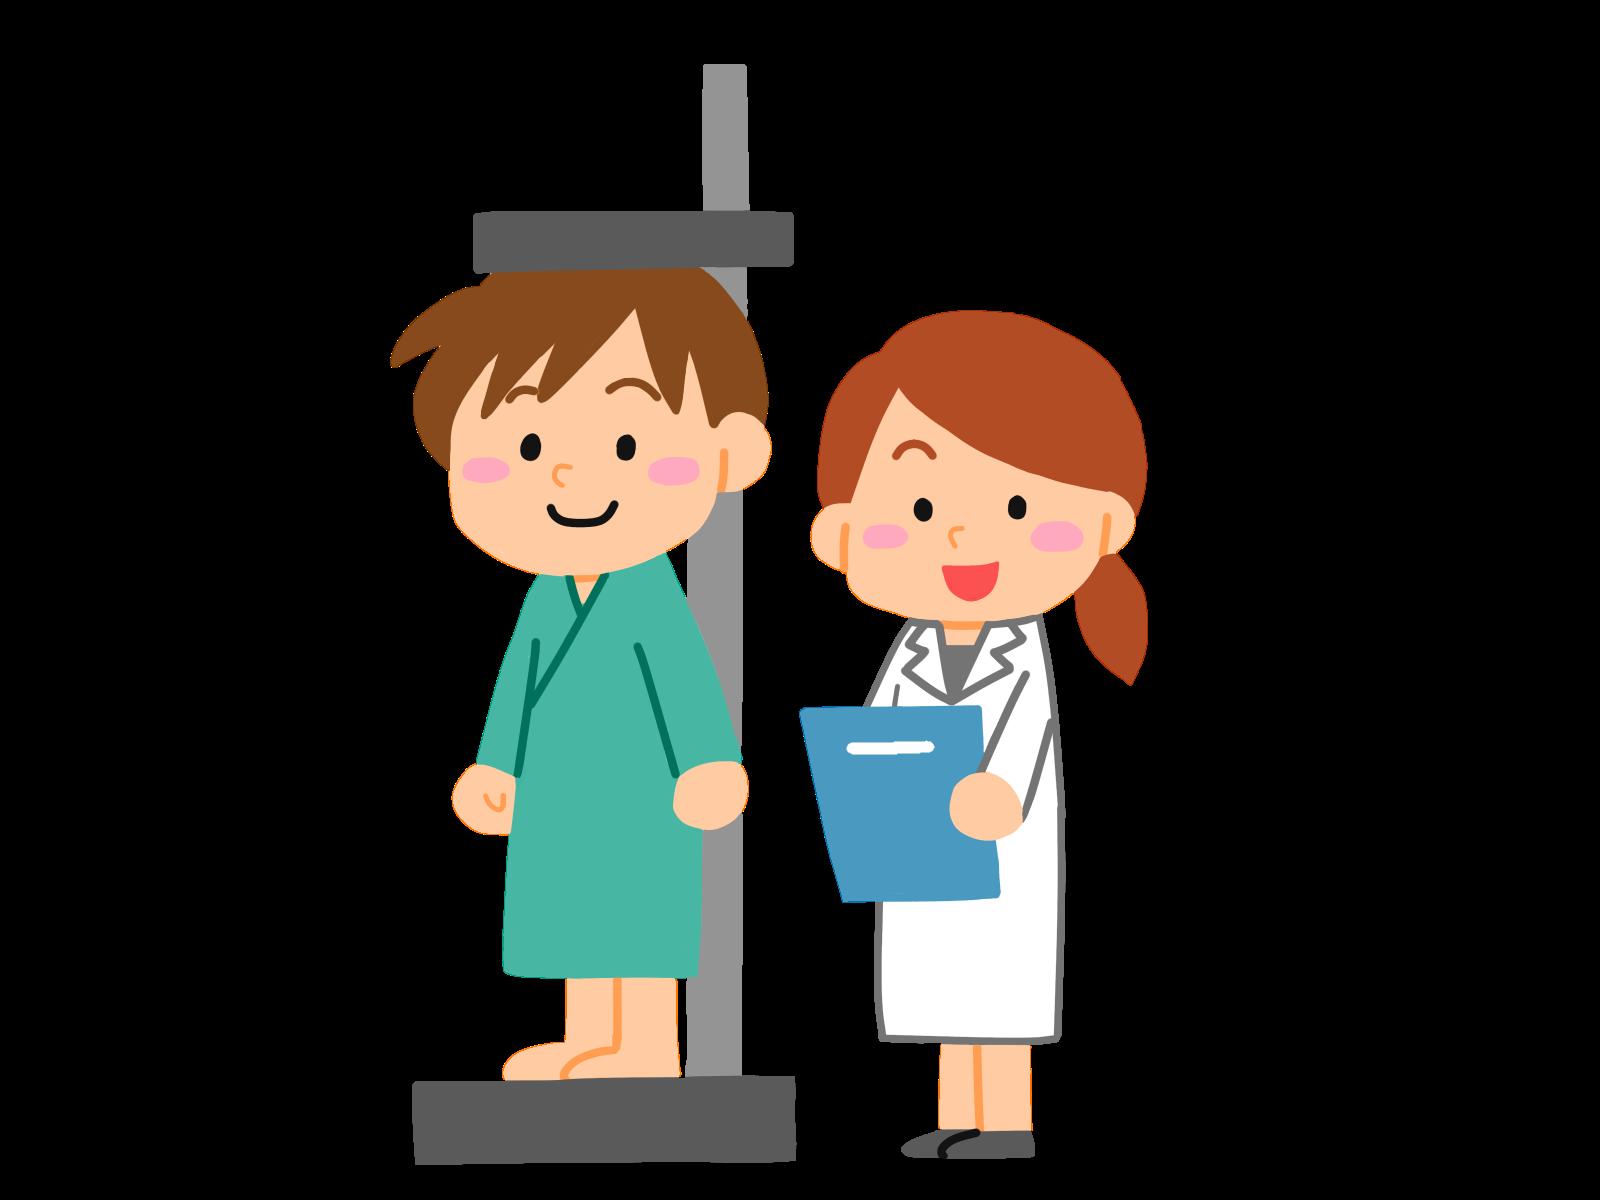 頻回の喘息発作自体が、身長の伸びを抑えるかもしれない